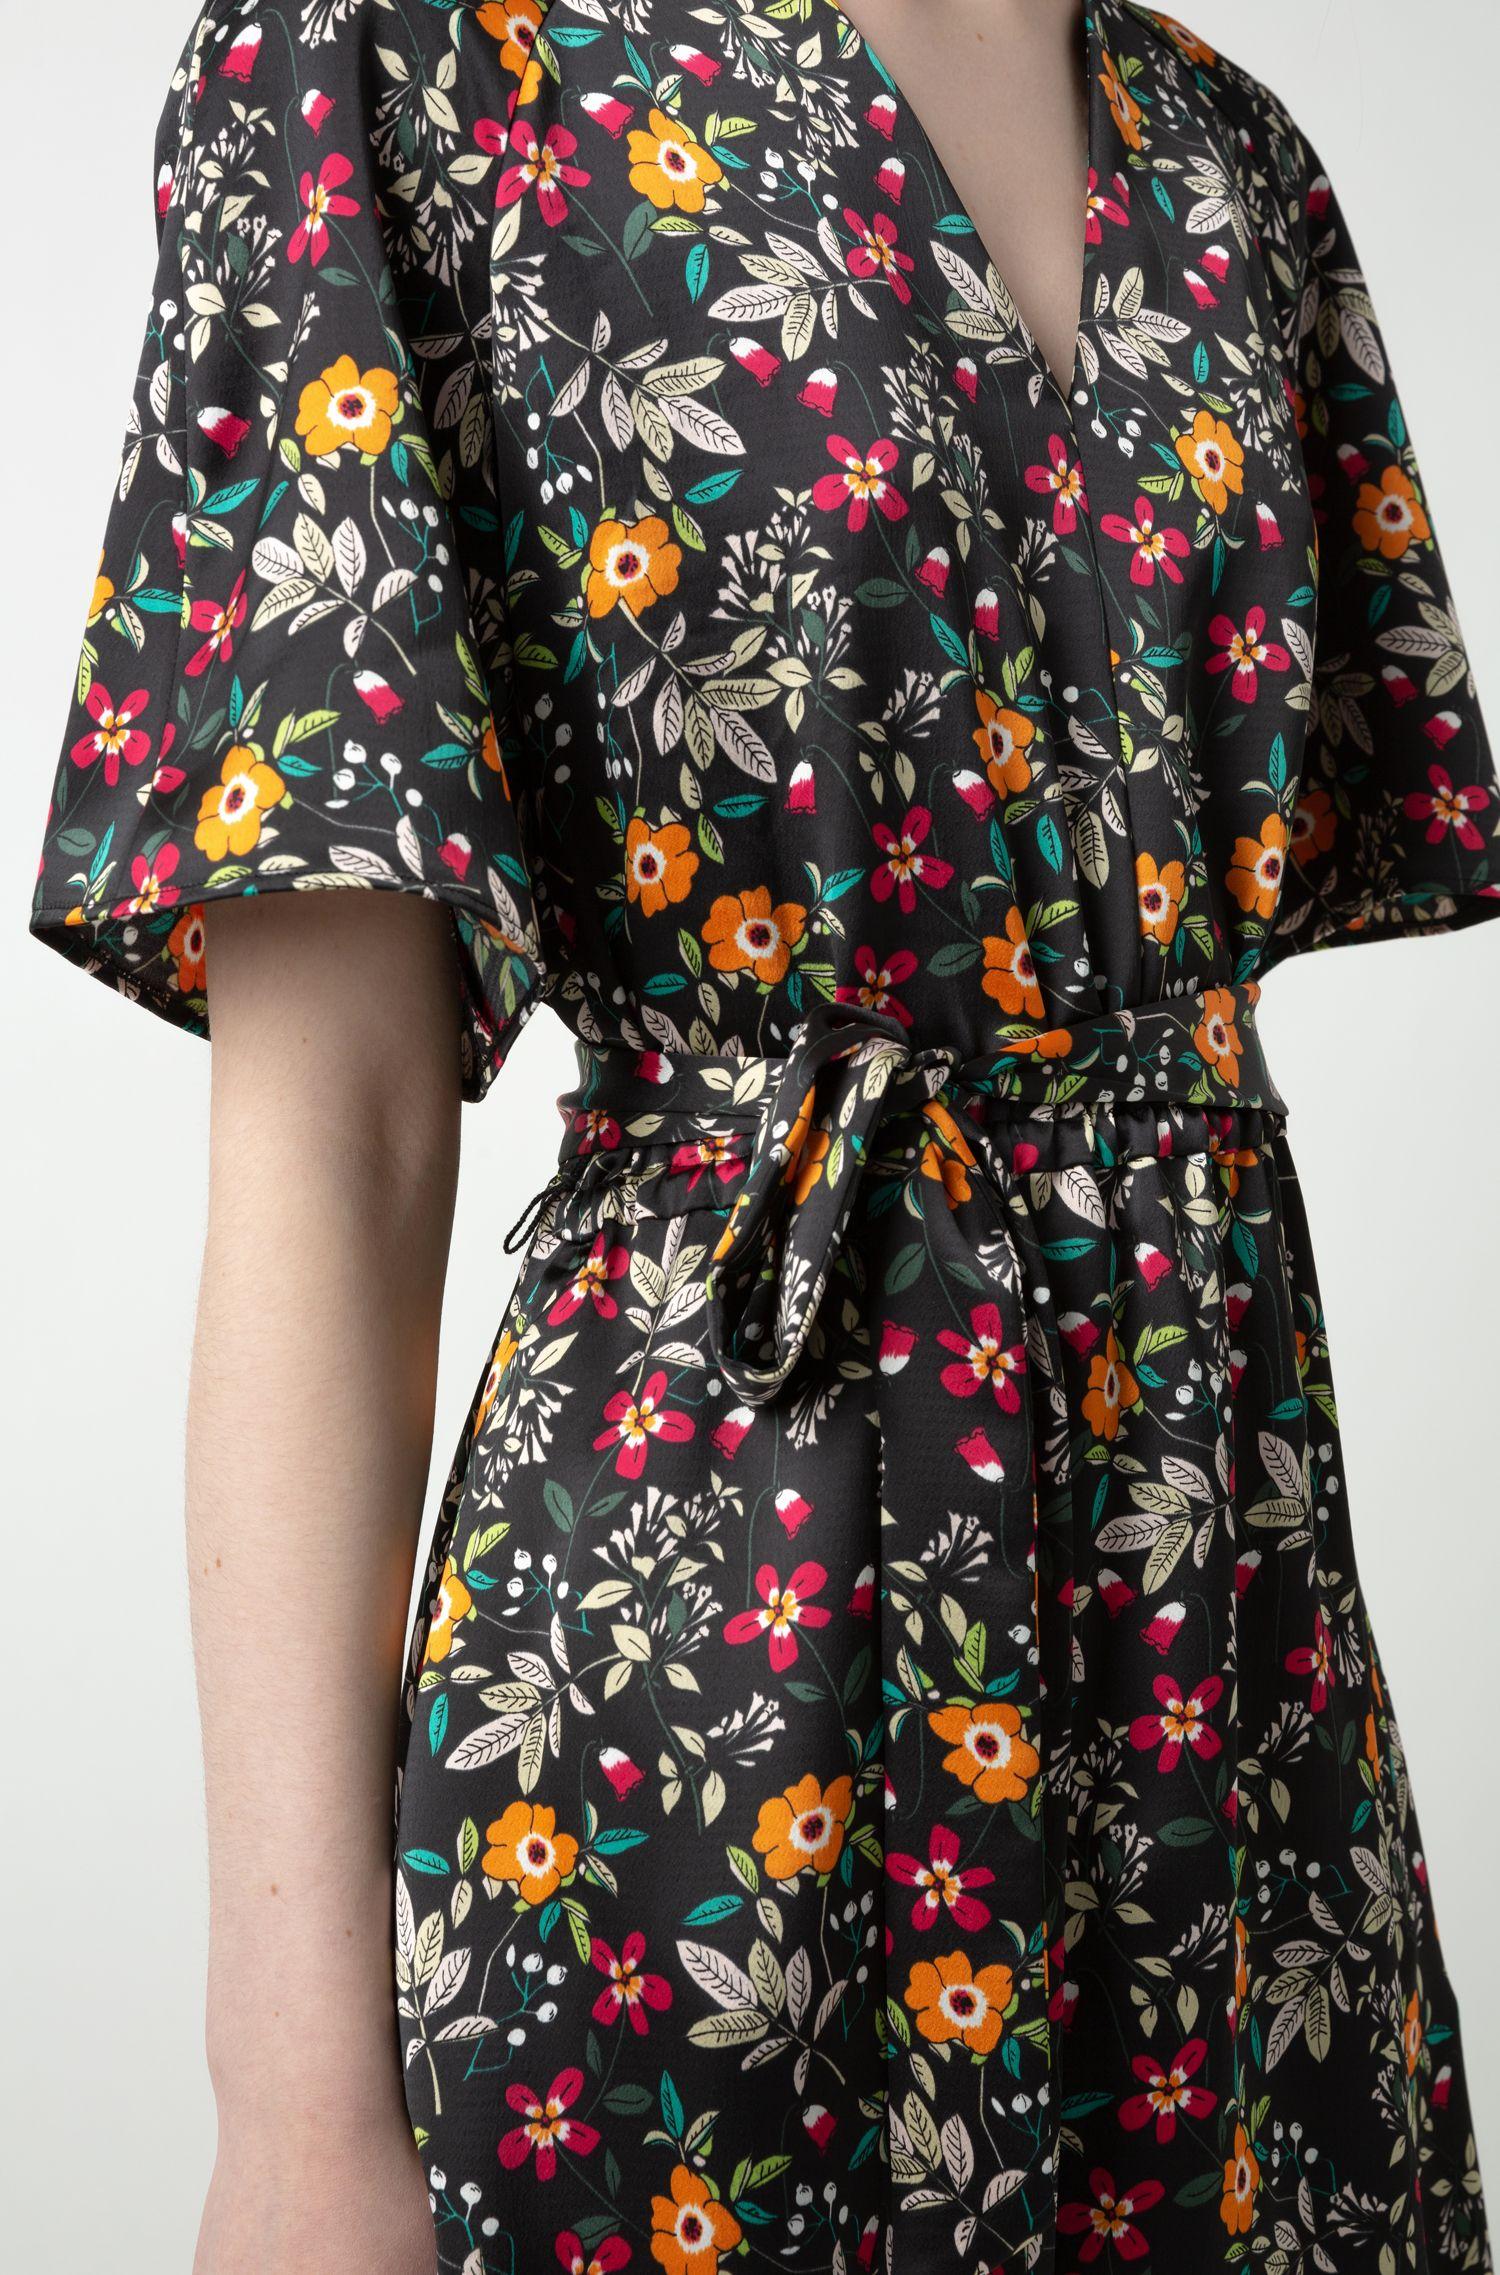 Floral-print V-neck dress with tie belt, Patterned